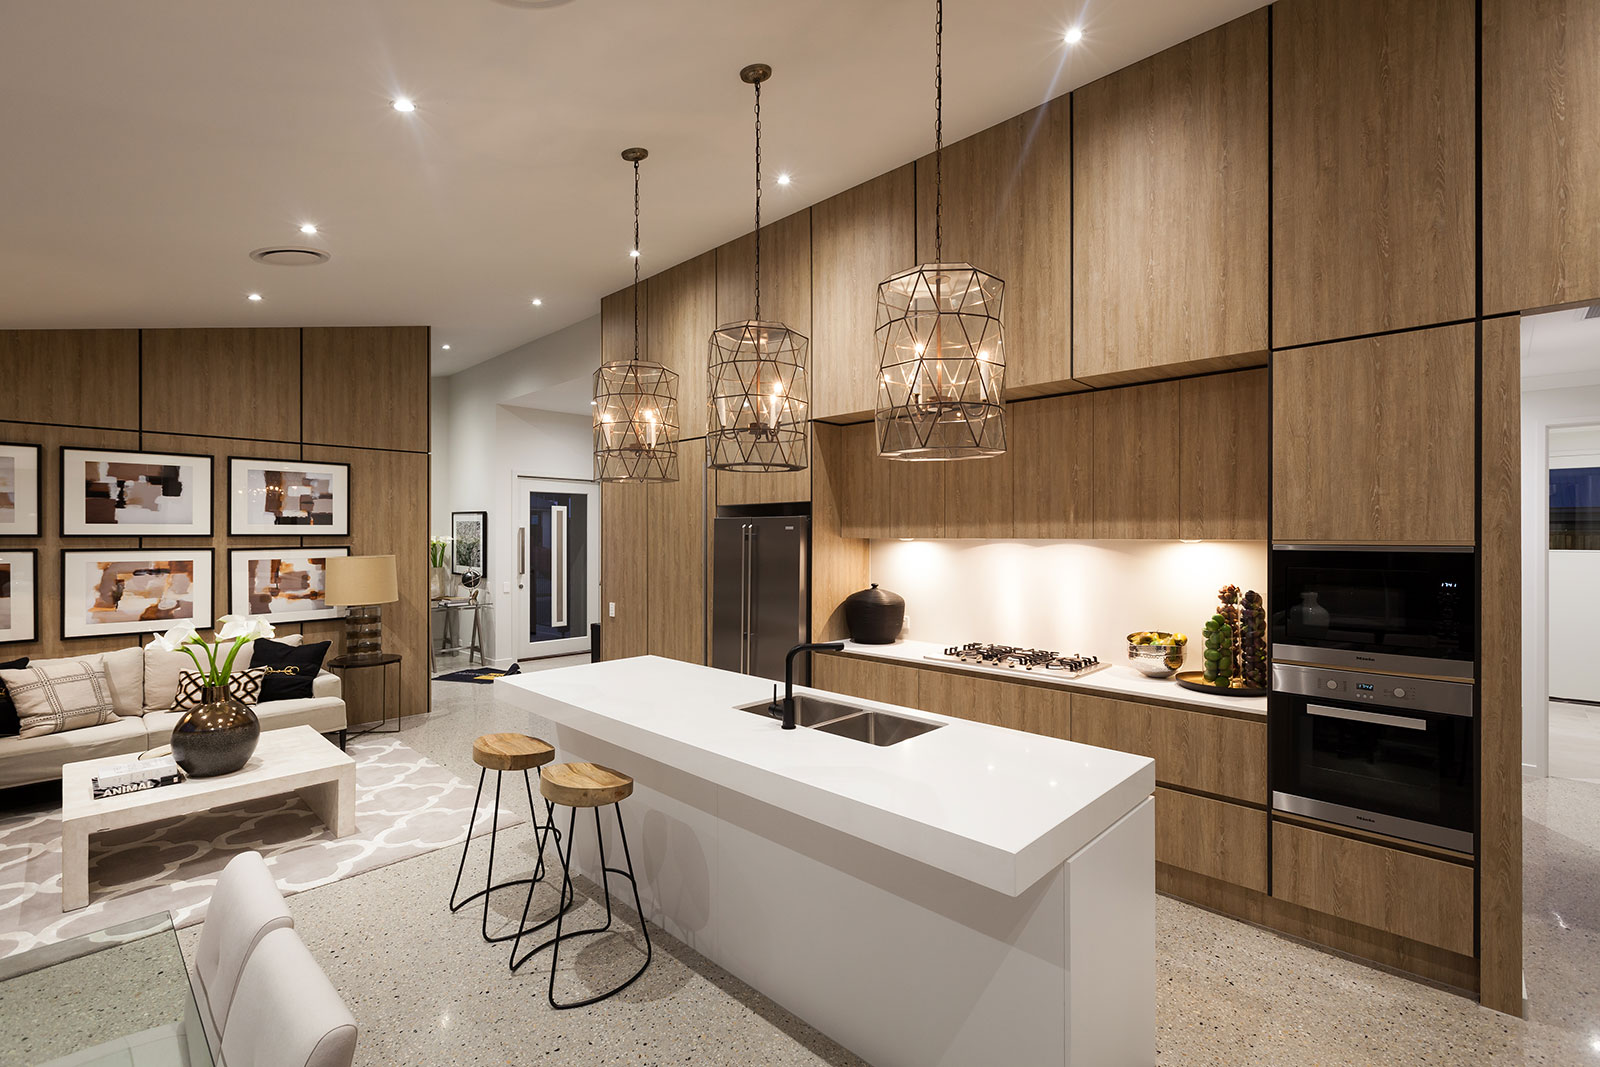 Những xu hướng thiết kế nội thất hot năm 2020 (Phần 1)